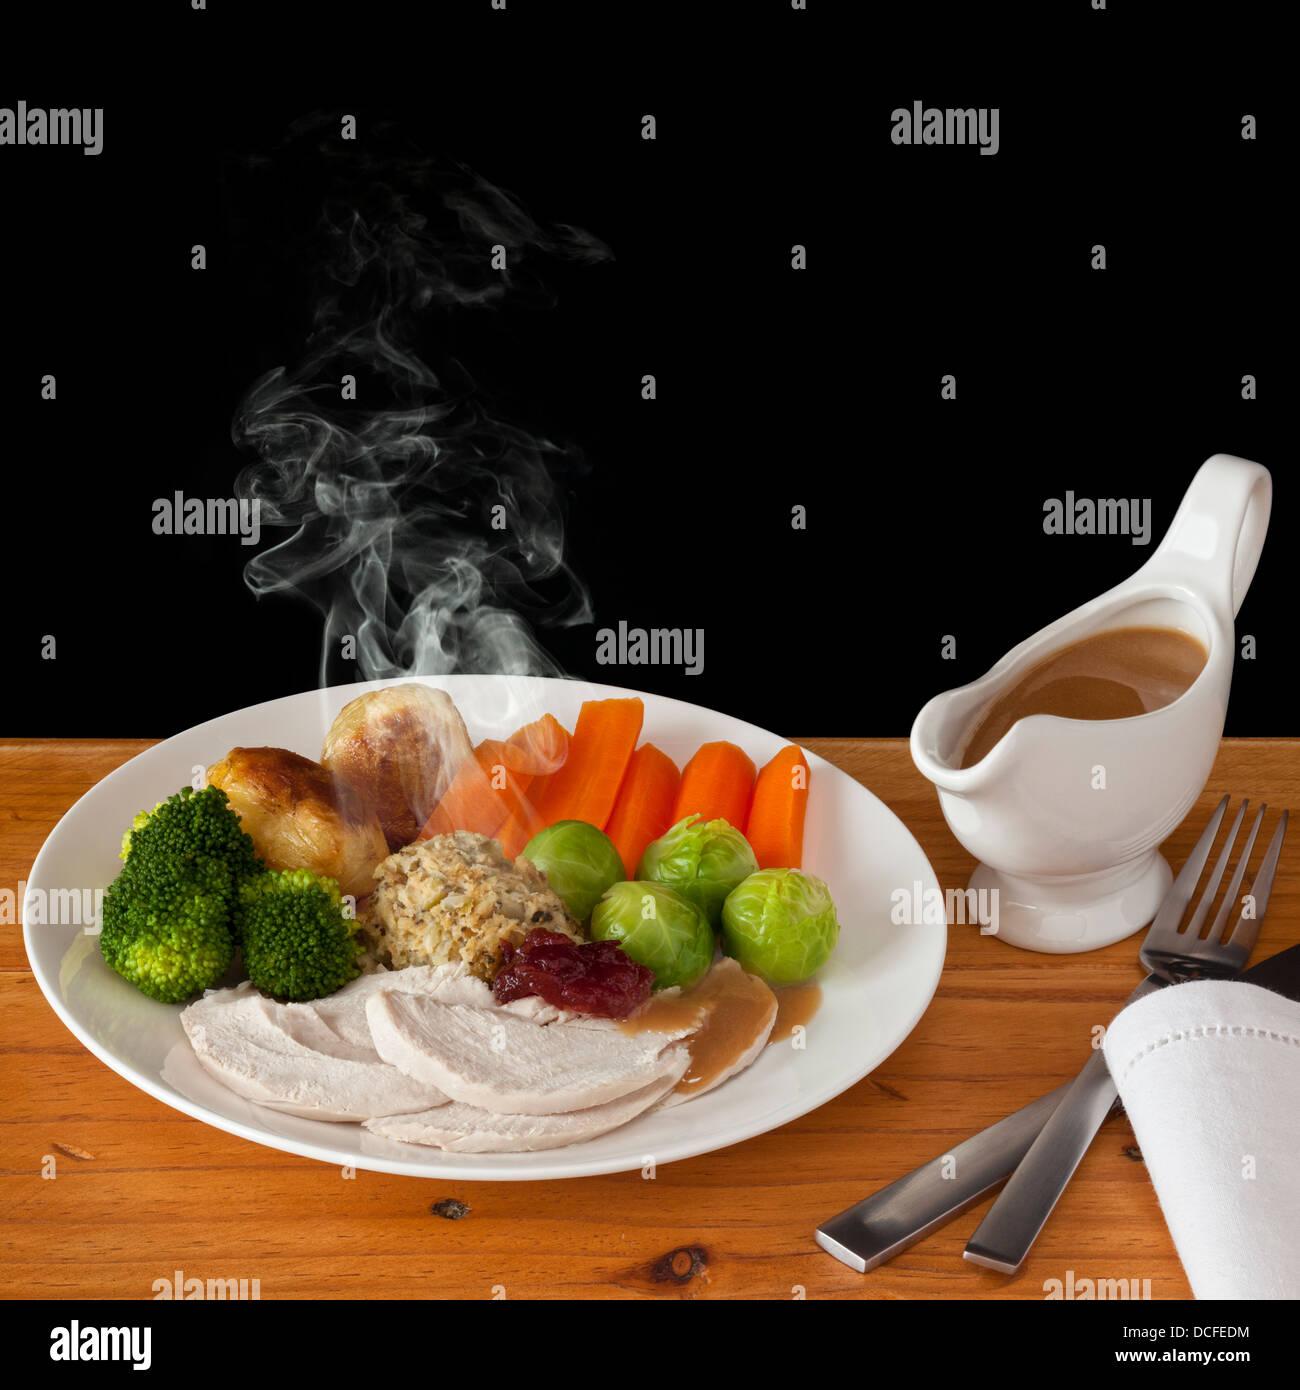 Pollo arrosto cena - un tipico pranzo di Natale con vapore visibile aumento, con spazio per il proprio testo. Immagini Stock